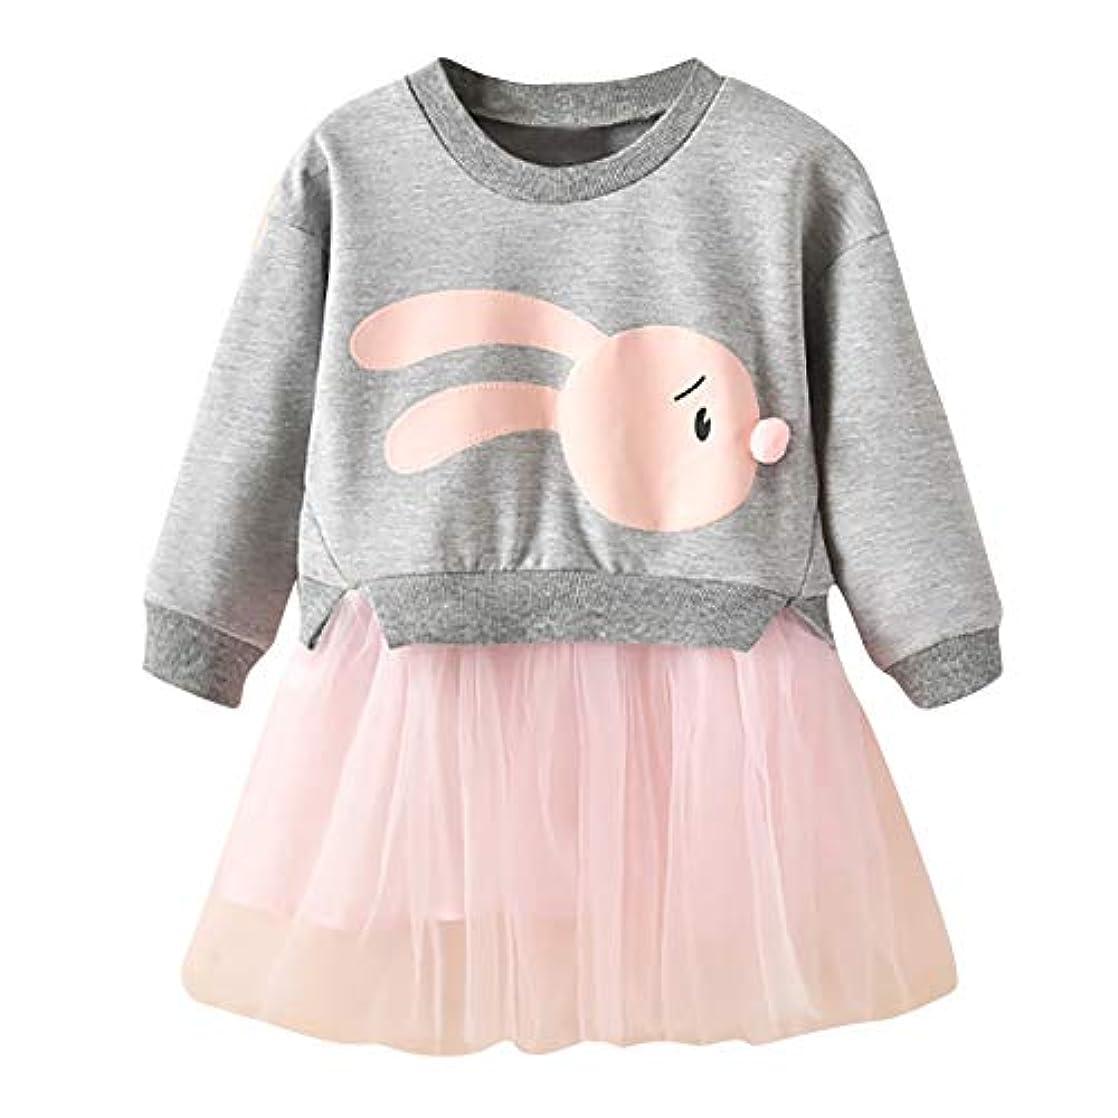 もろい潮通路Onderroa - 冬の子供服の女の赤ちゃんの漫画のバニープリンセスパッチワークトレーナーチュールドレス服roupaのinfantil